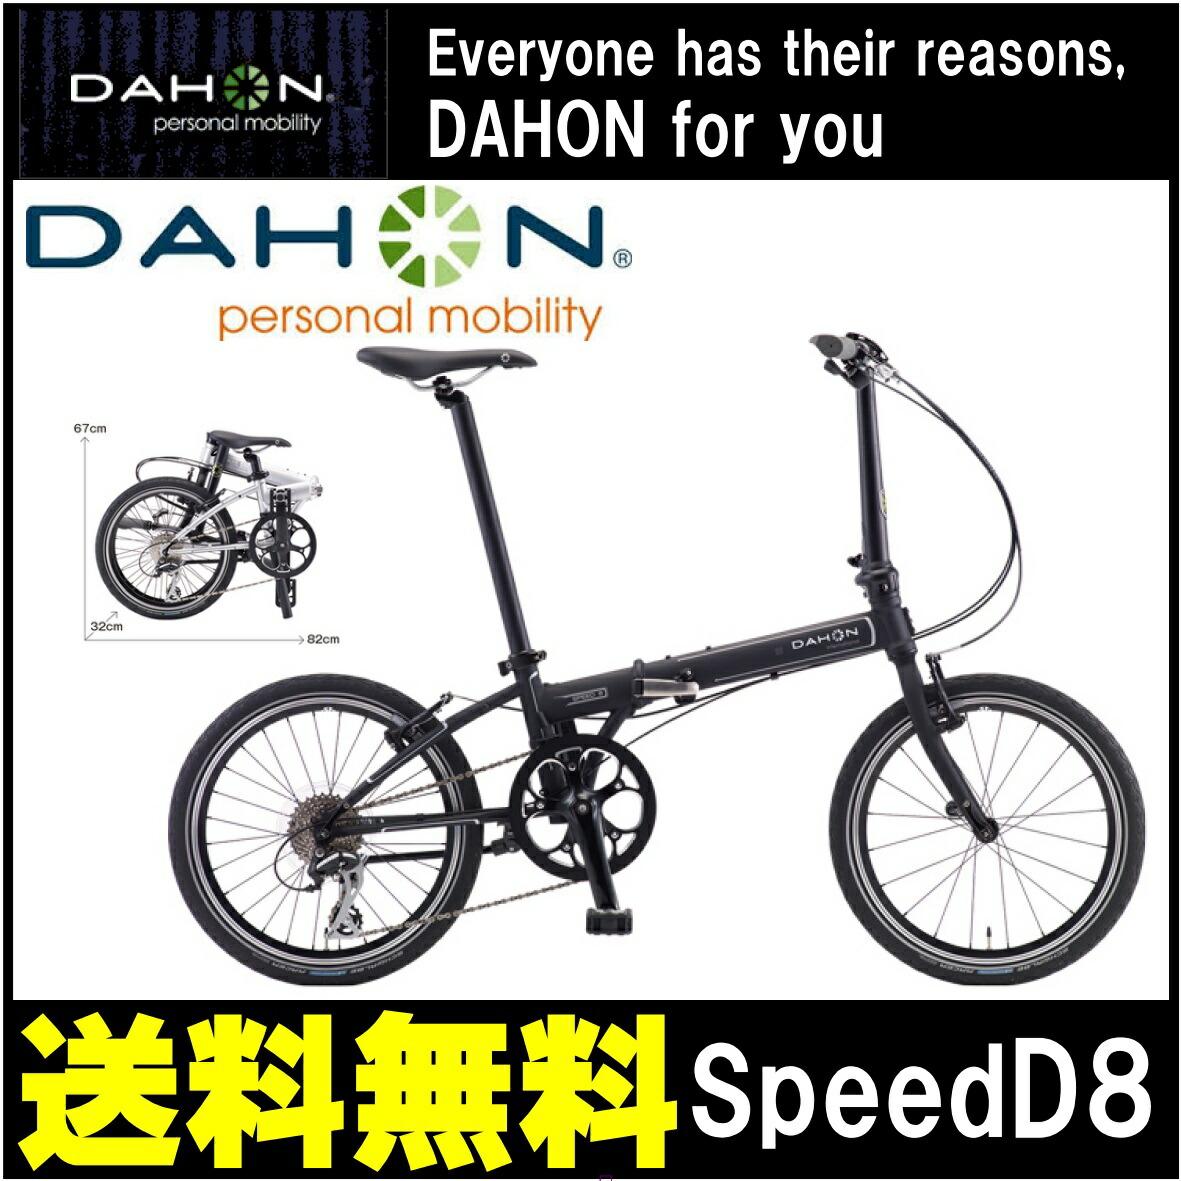 折りたたみ自転車 DAHON Speed D8 ダホン 自転車 マットブラック 黒 20インチ 折りたたみ自転車 外装8段変速ギア Matt Black ダホン 折りたたみ自転車 DAHON スピード D8